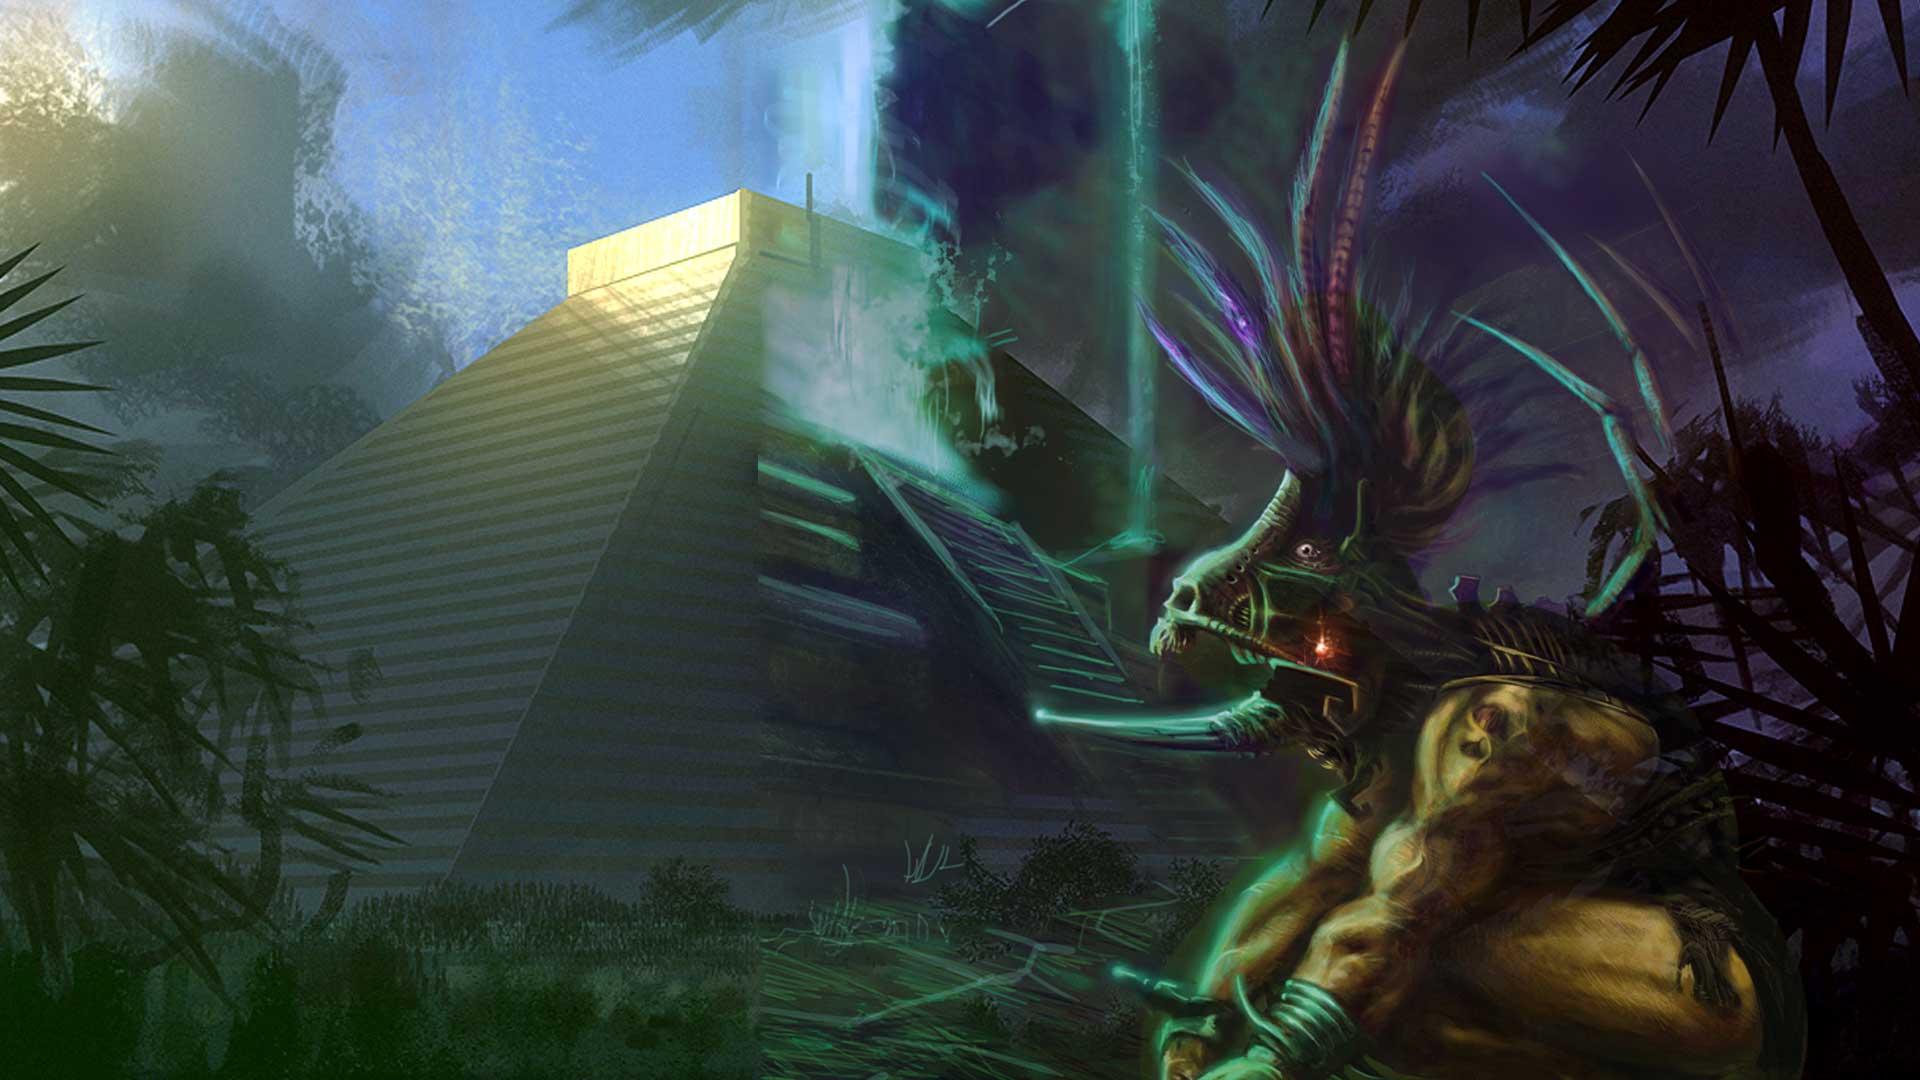 La historia de Xelhua, el gigante constructor de Teotihuacán y la pirámide más grande del mundo